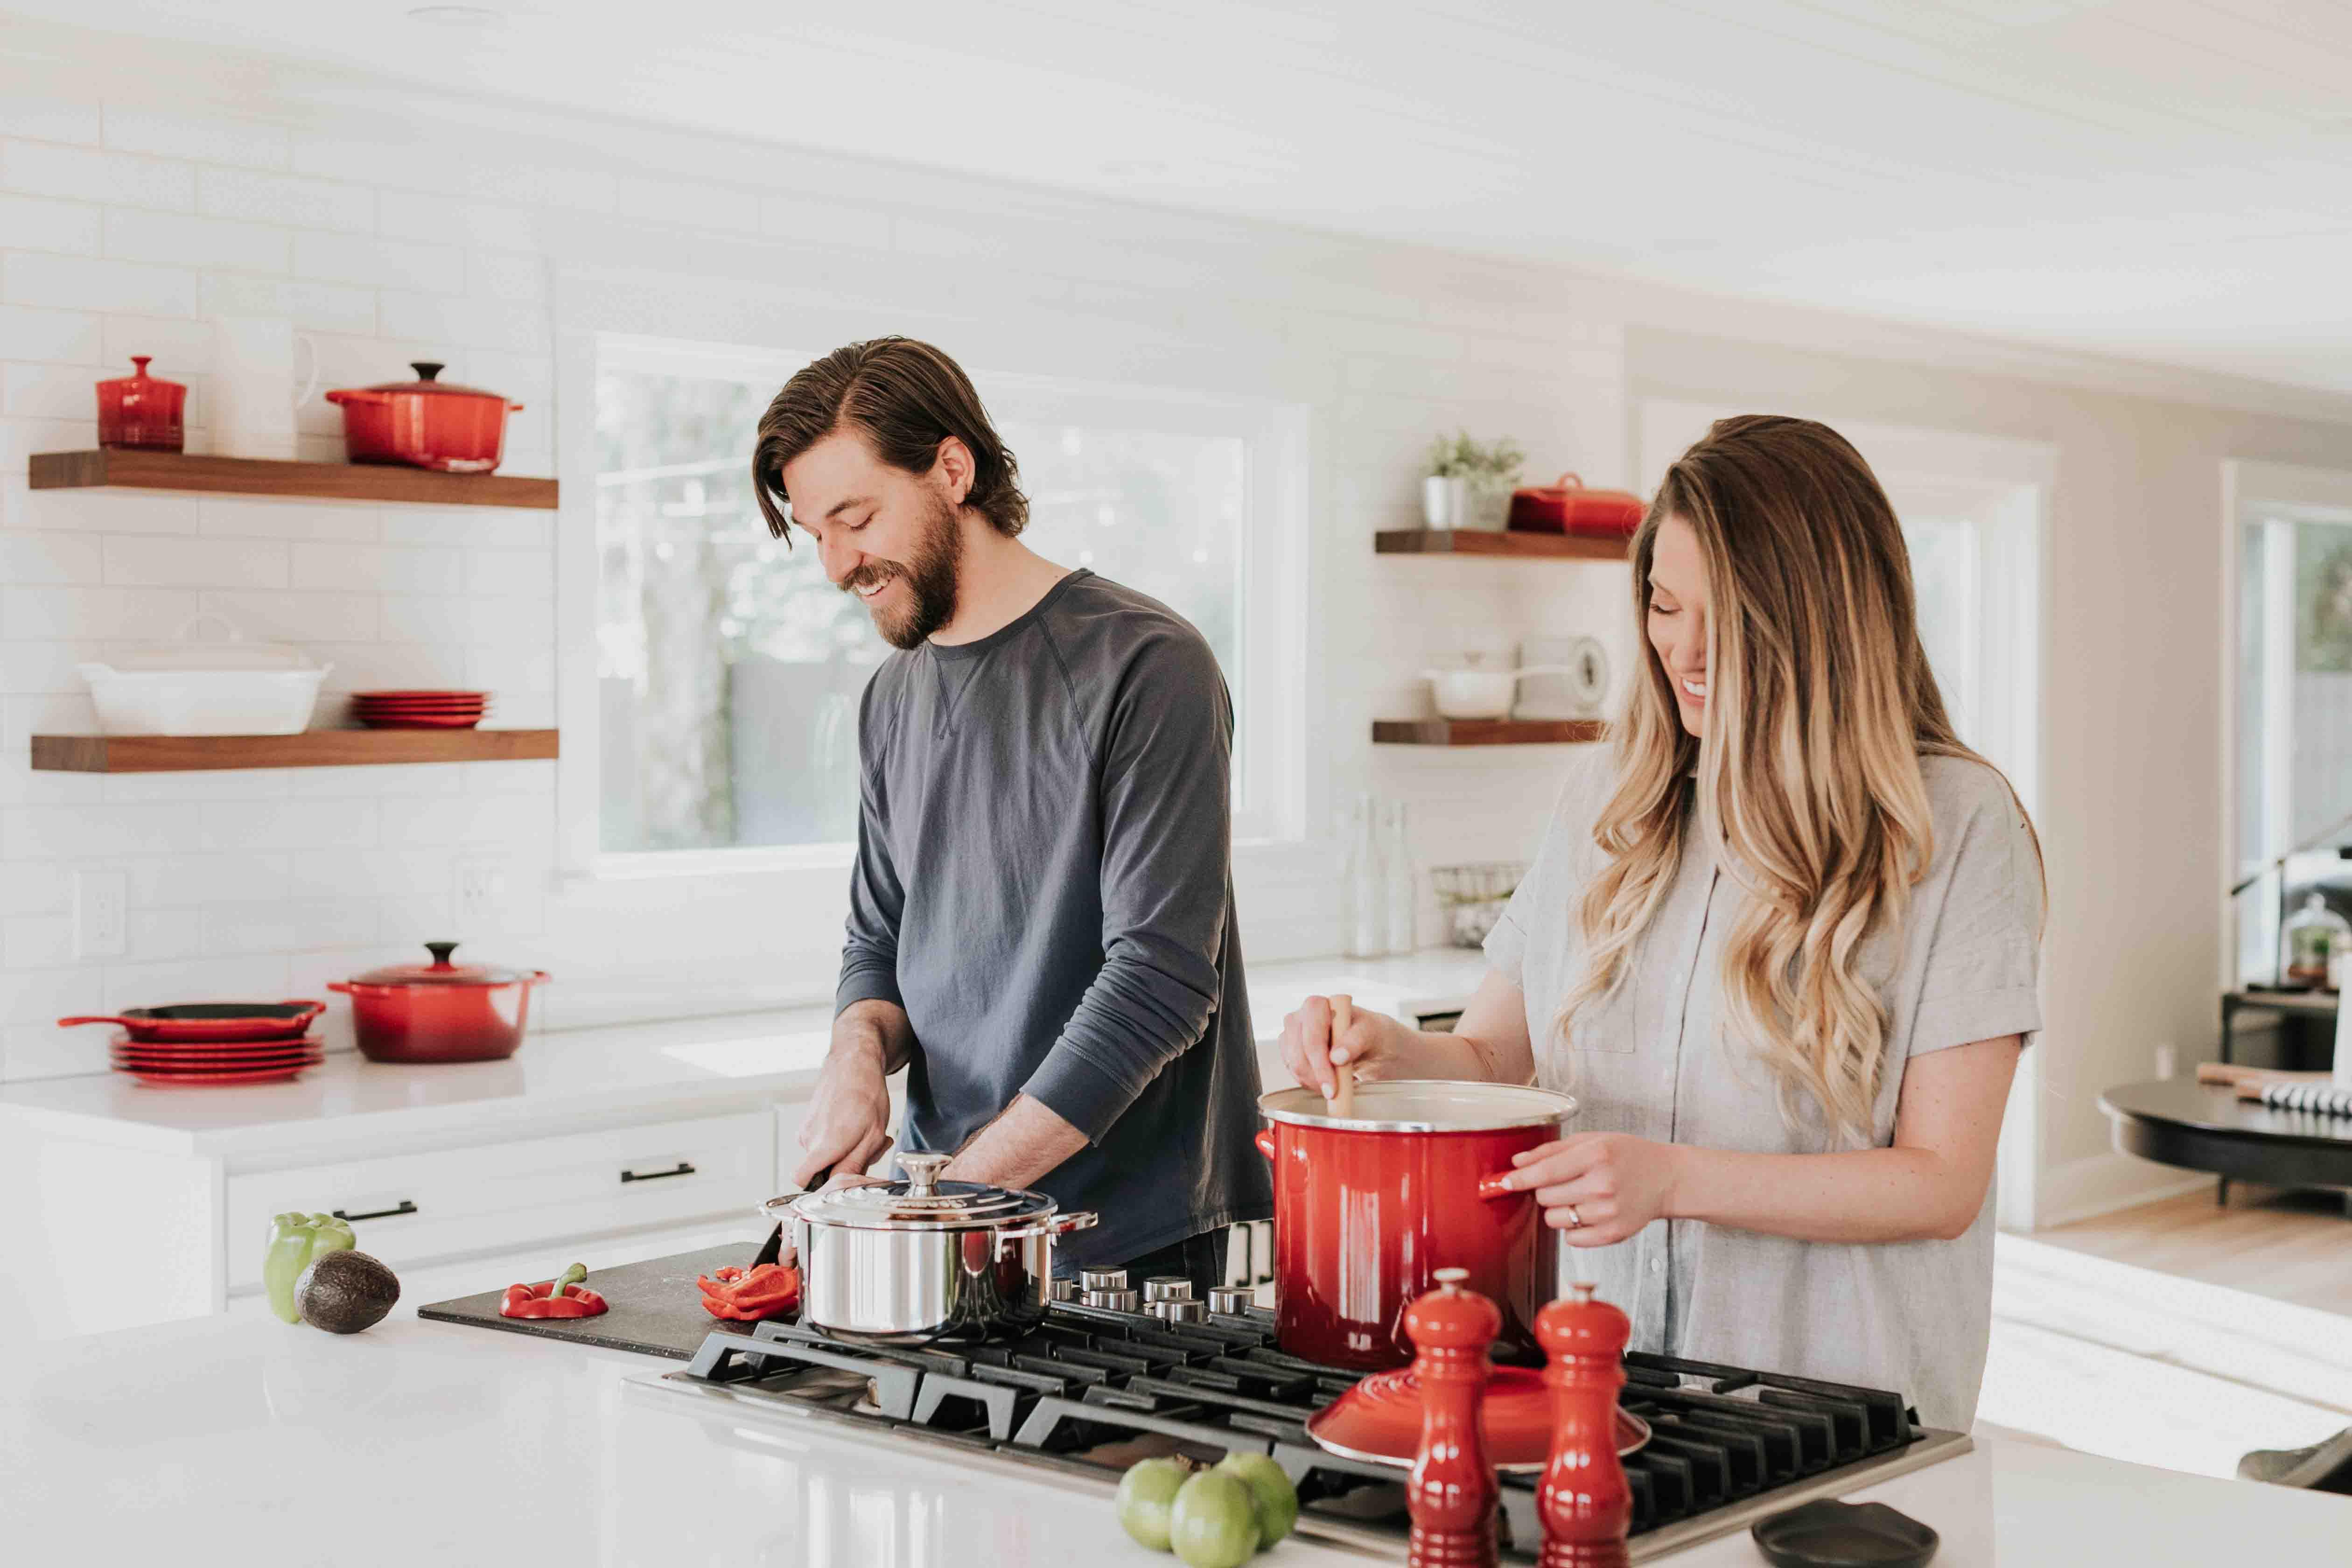 học cách yêu bằng việc nấu ăn cùng nhau